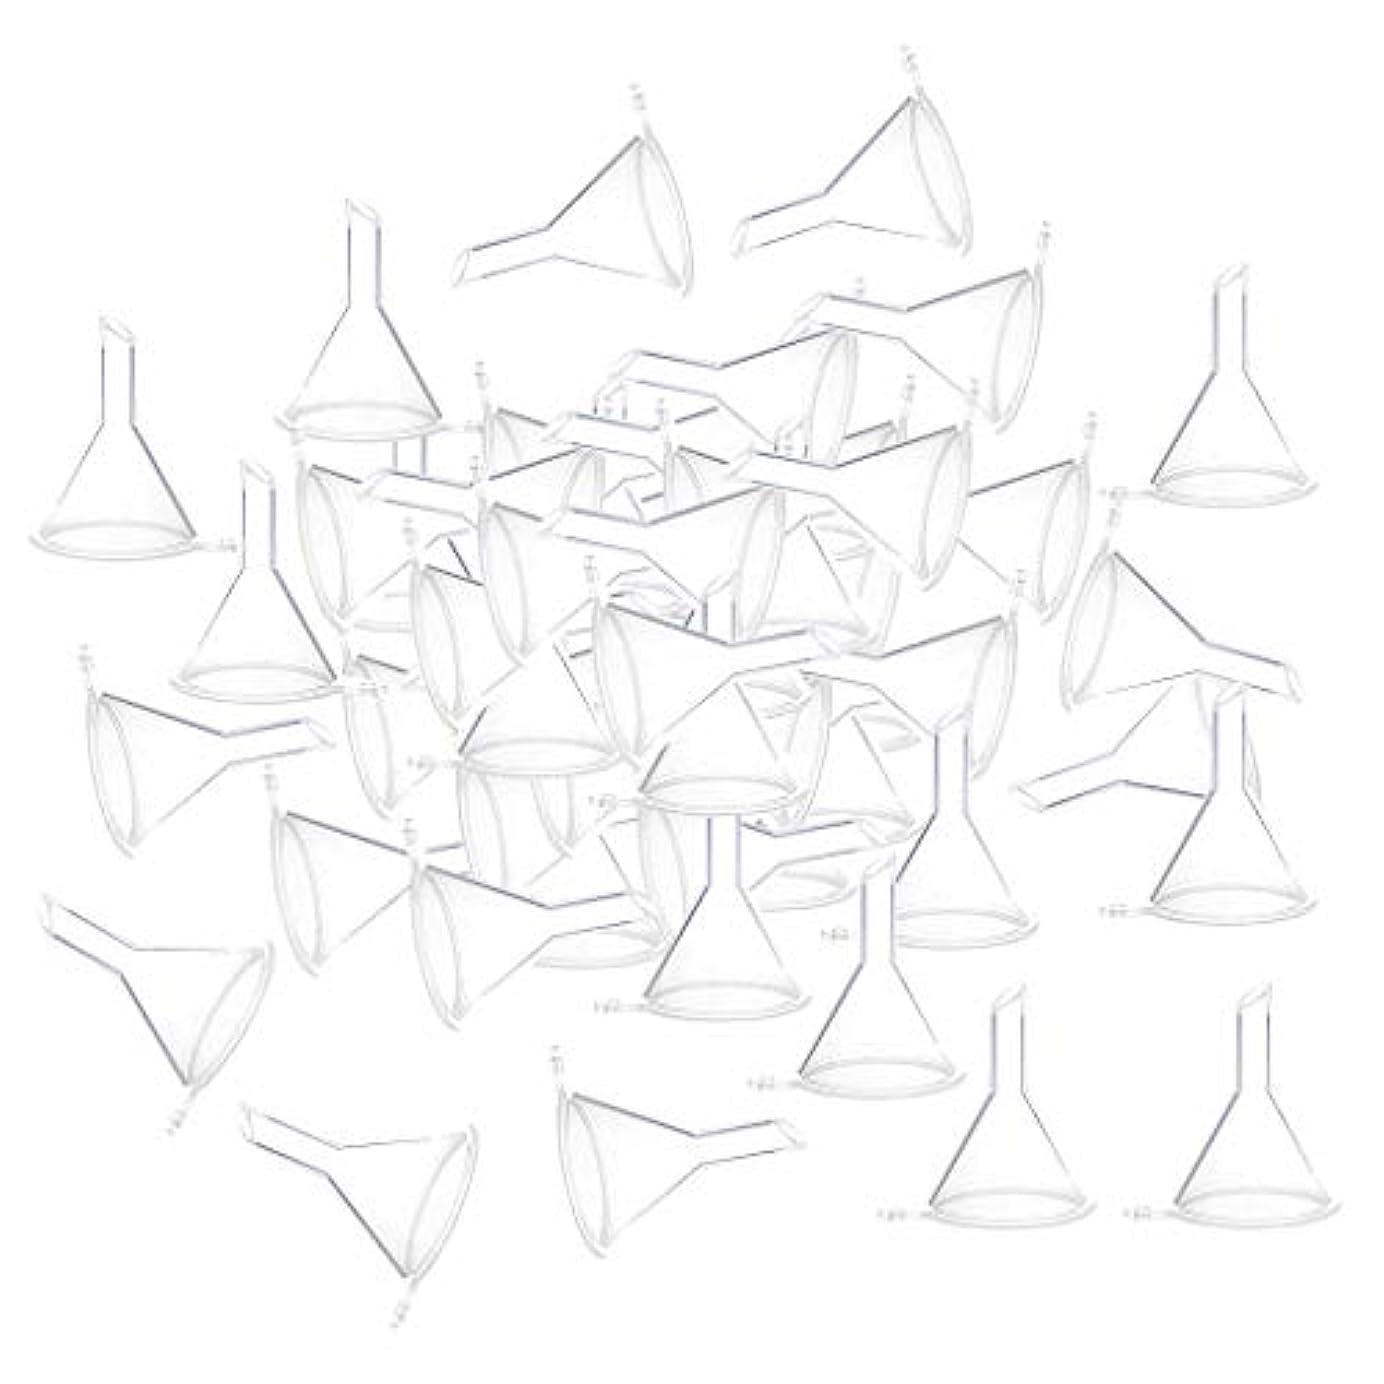 収束する環境トランク小分けツール ミニ ファンネル エッセンシャルオイル 液体 香水用 全100個 3カラー - クリア